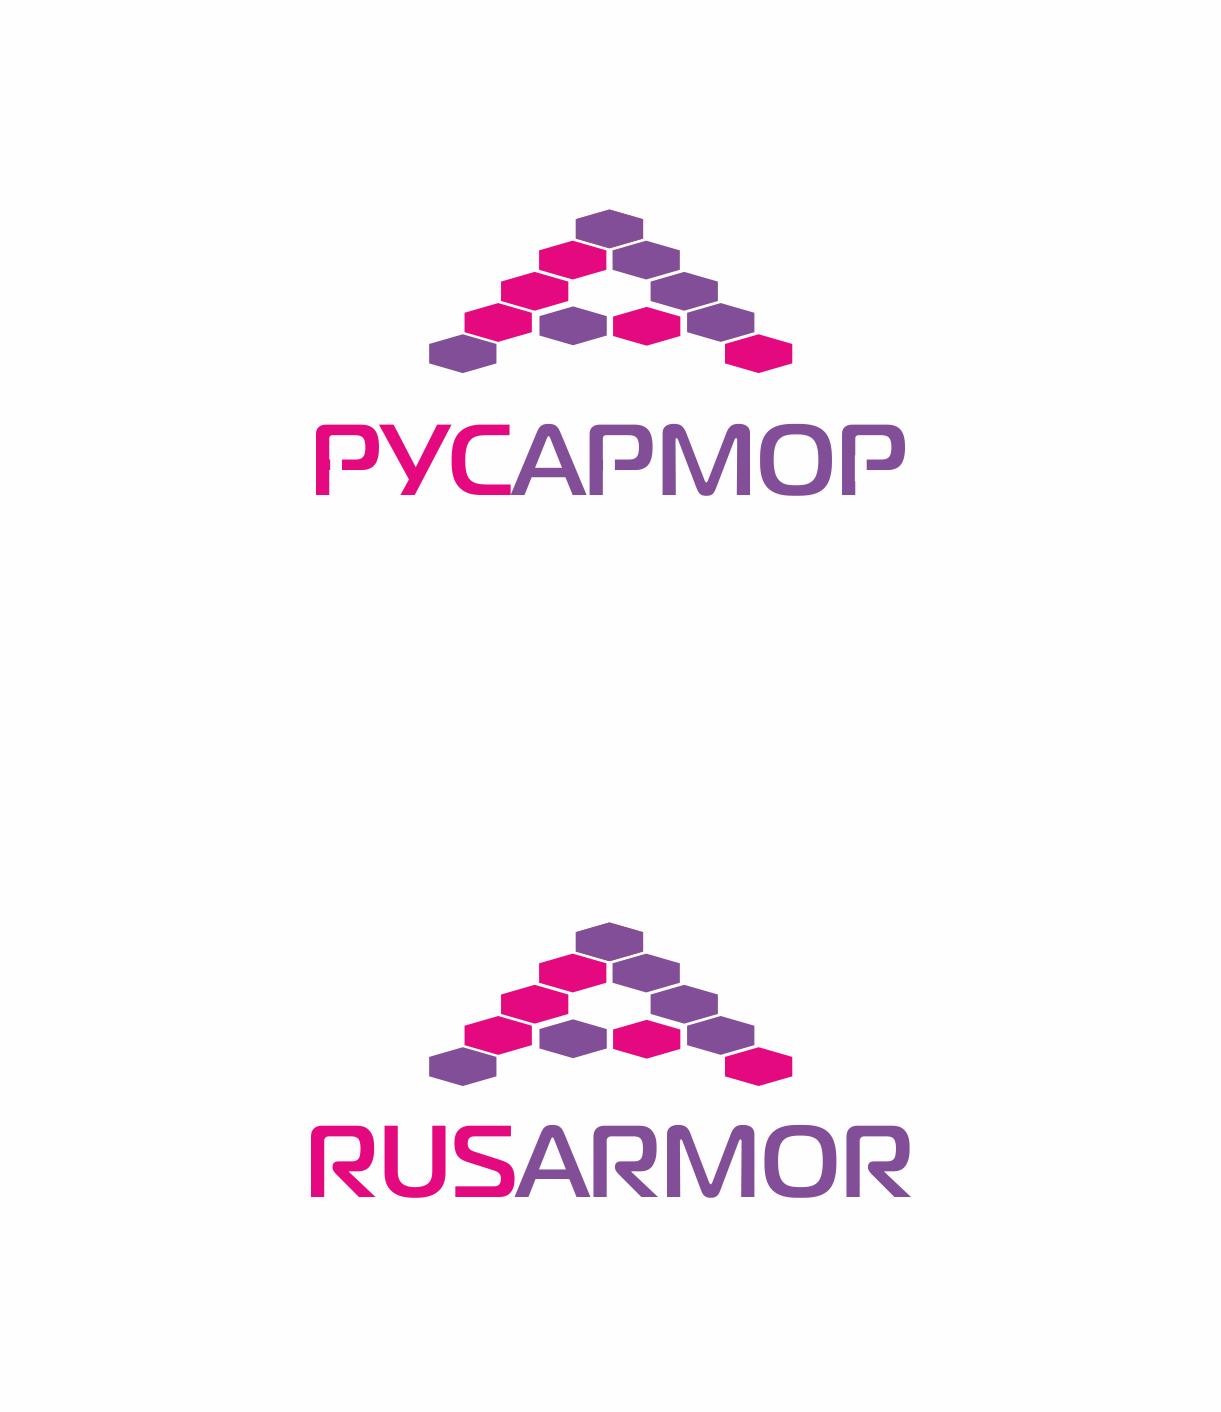 Разработка логотипа технологического стартапа РУСАРМОР фото f_5675a07d1063b99a.png